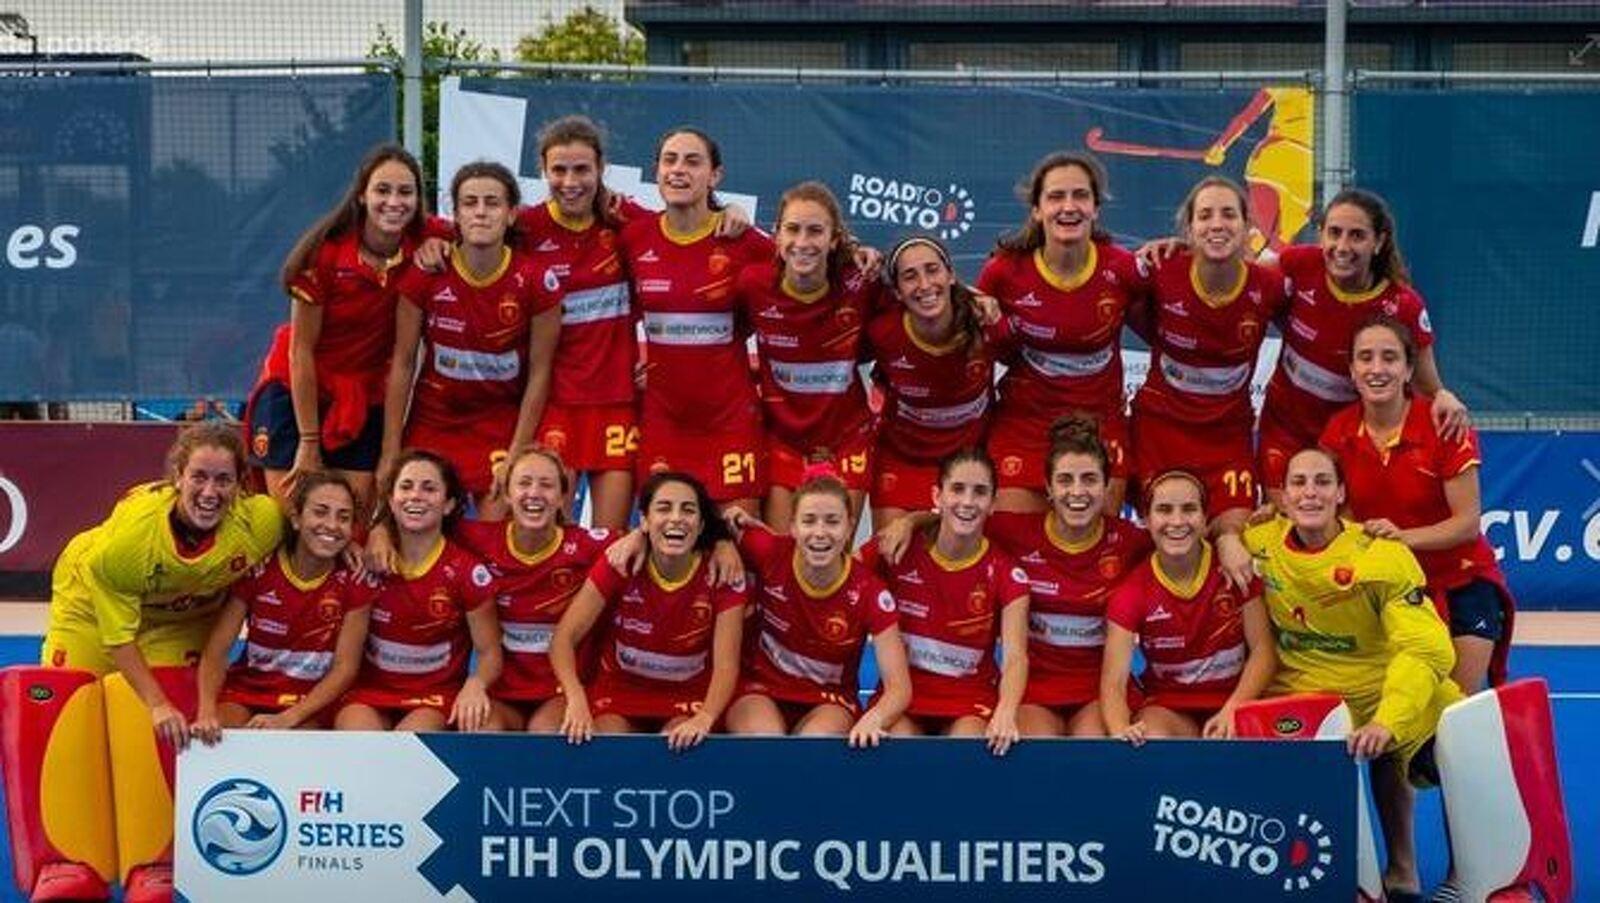 La selecció espanyola femenina d'hoquei herba, amb un gran nombre de jugadores terrassenques